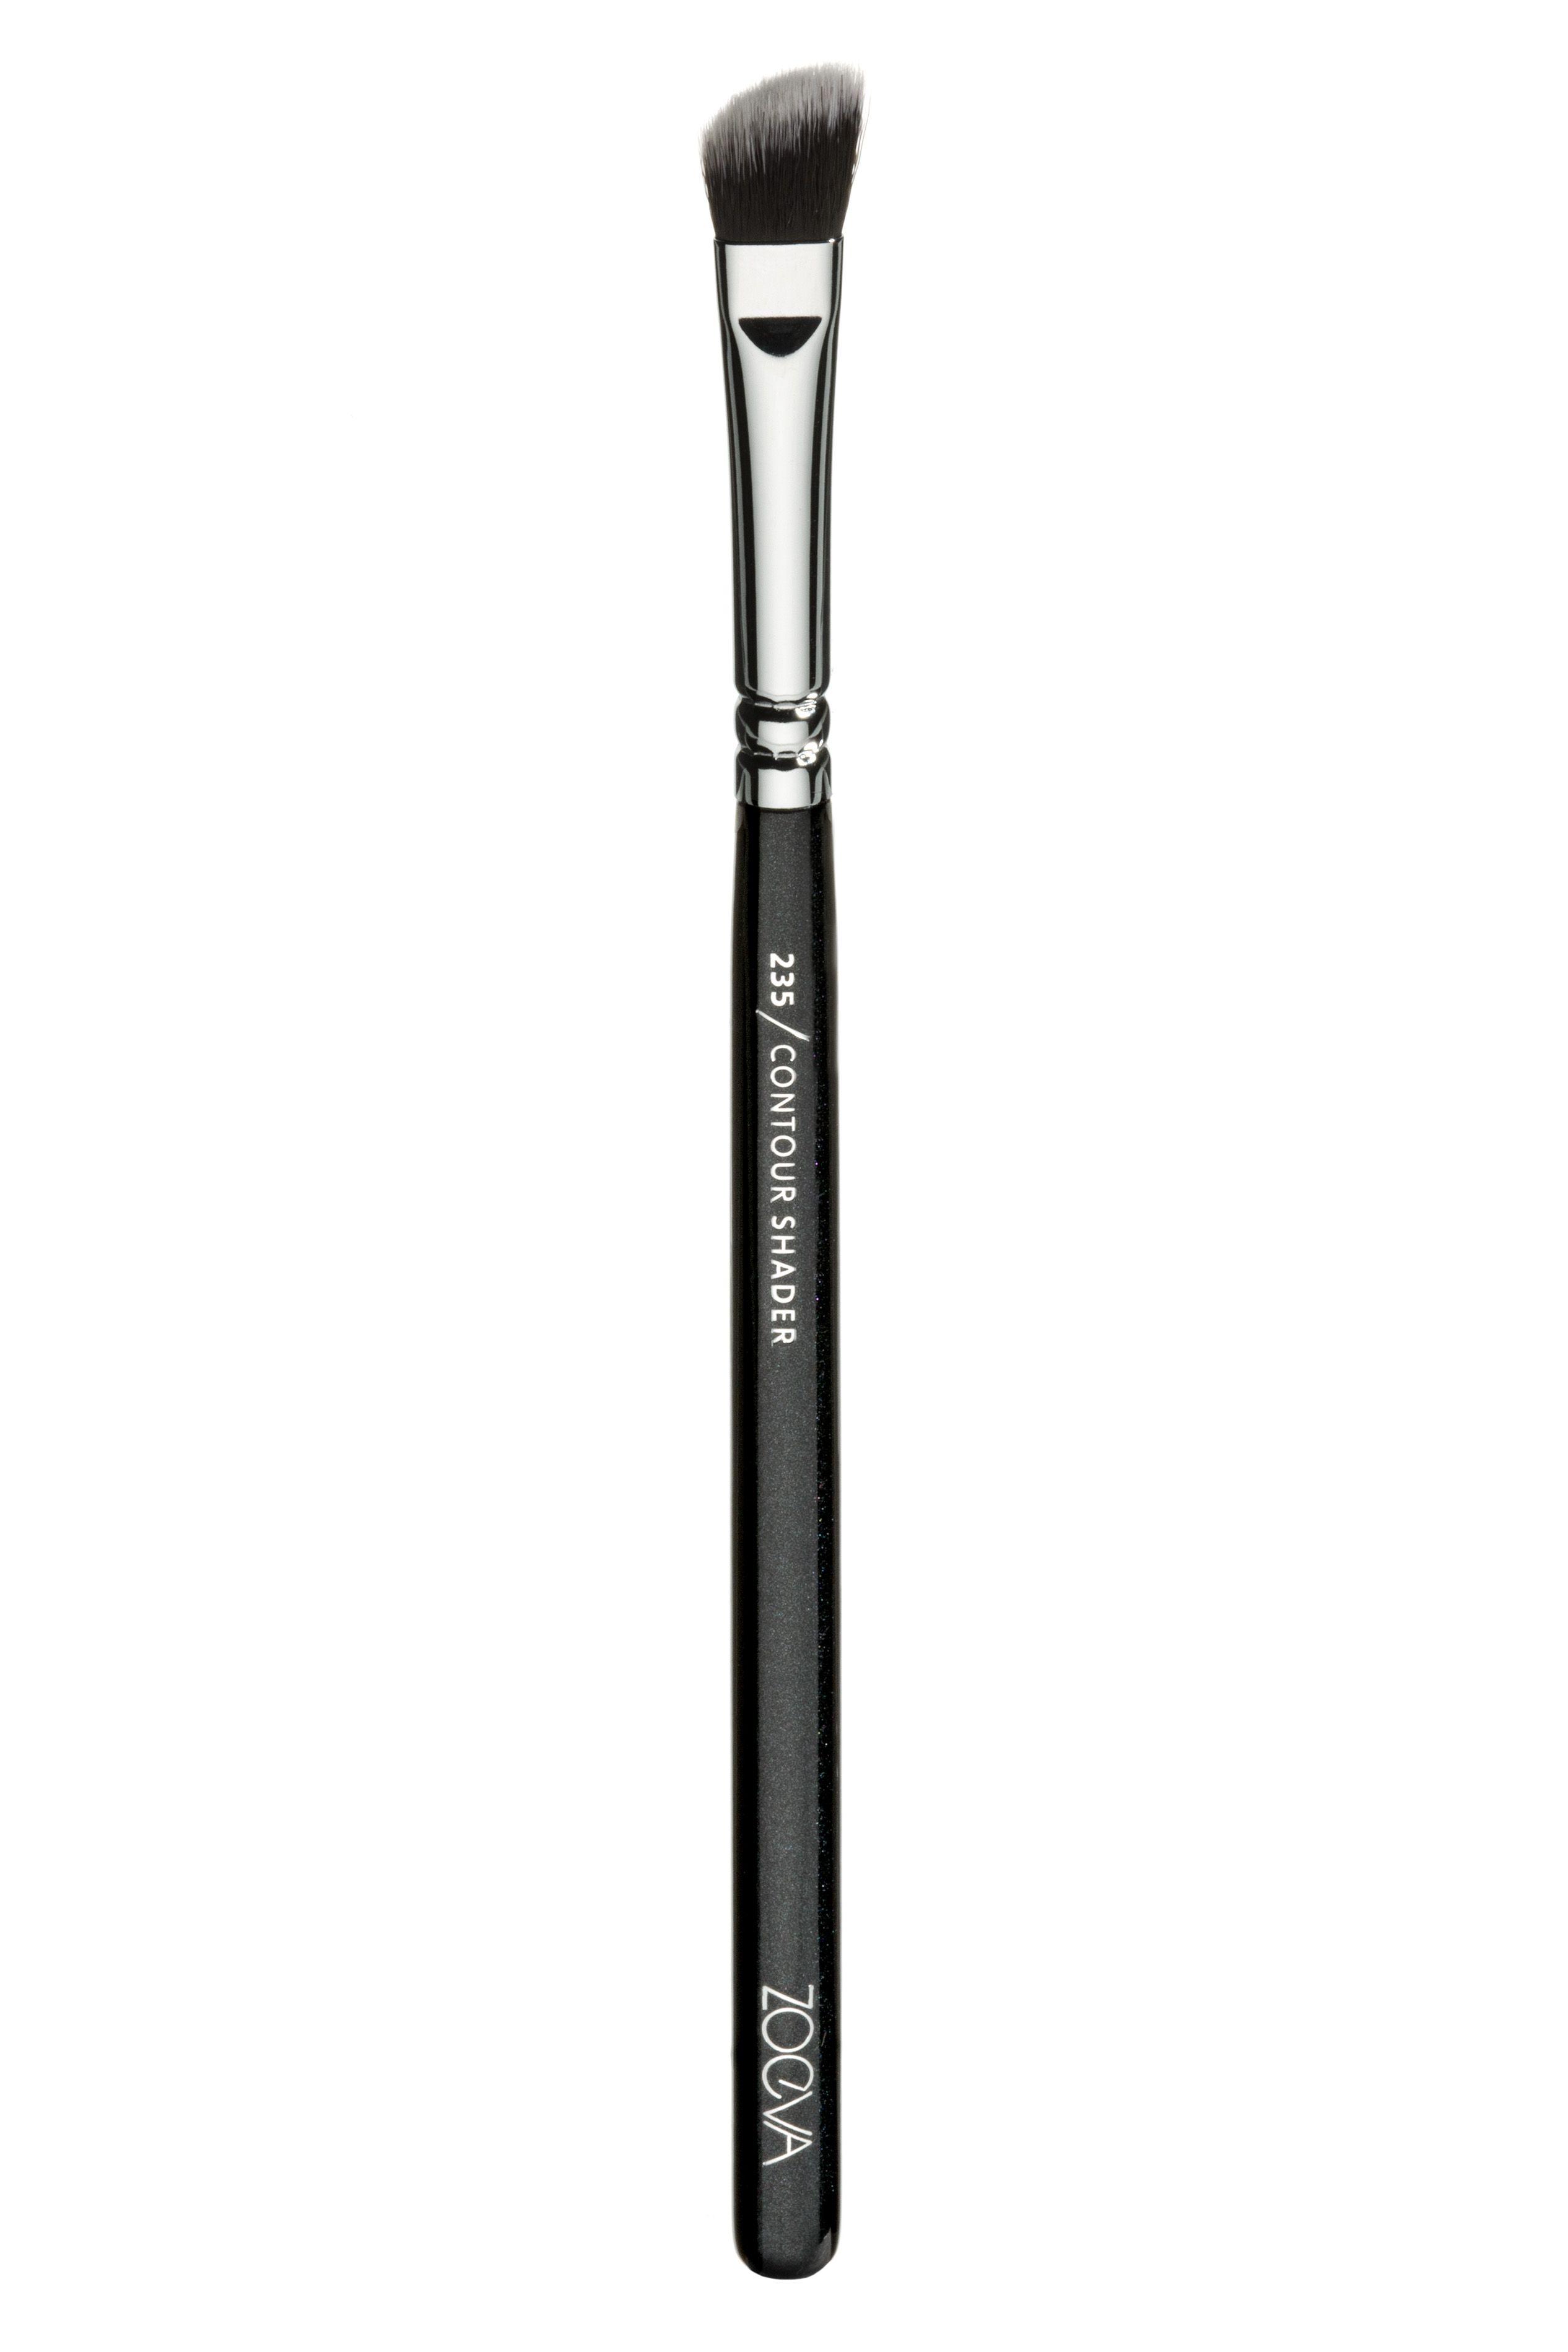 ZOEVA 235 Contour Shader Brush